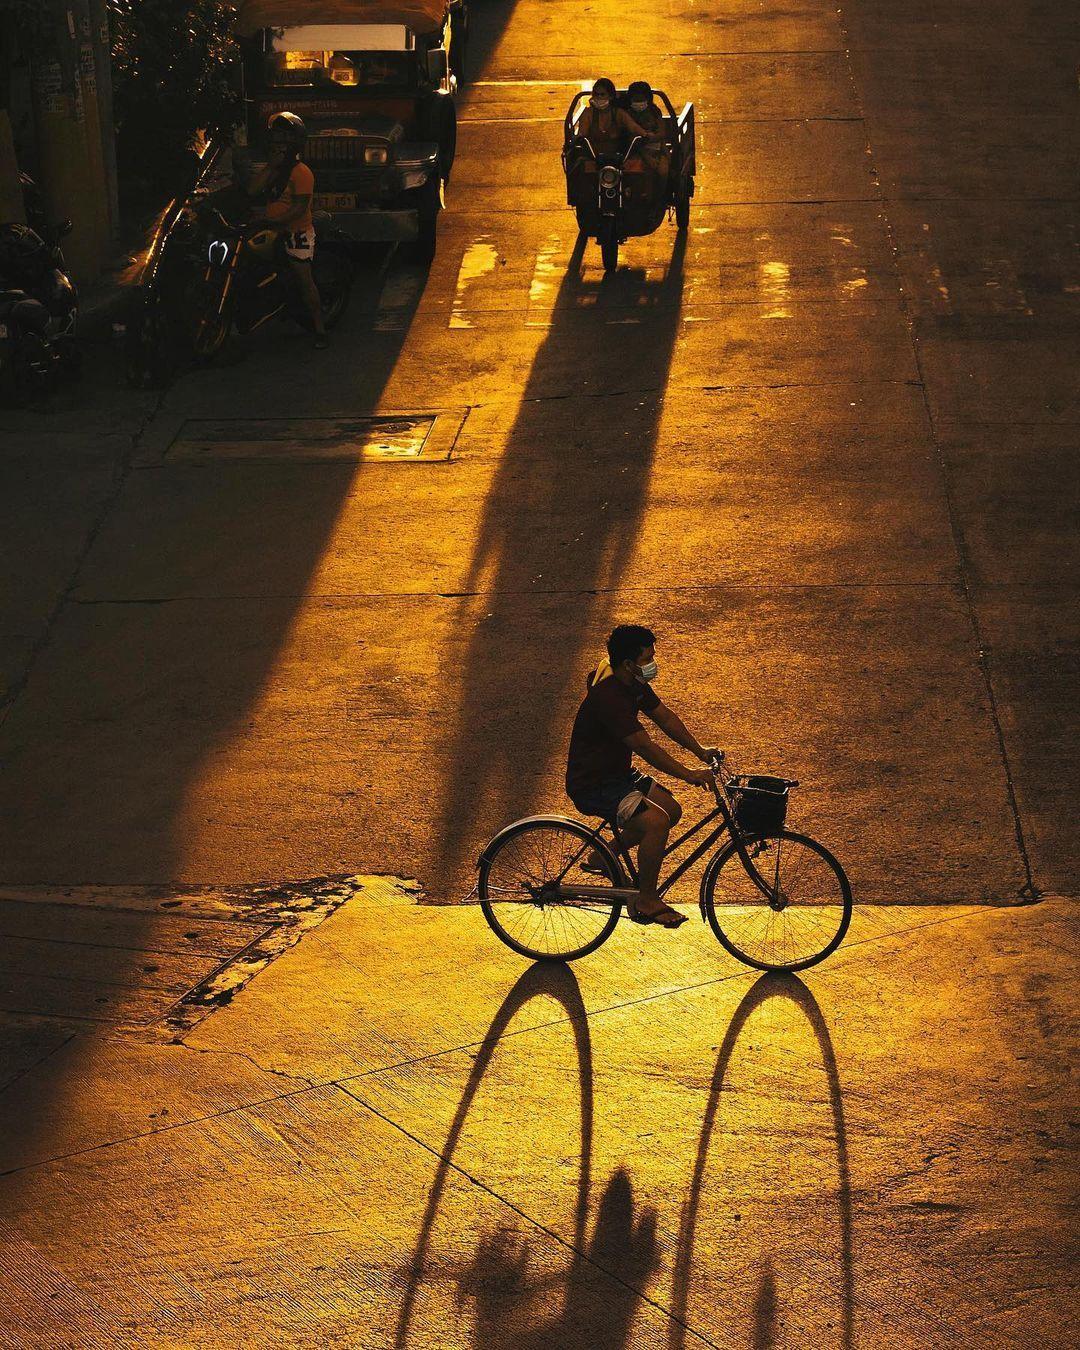 马尼拉 | 街头摄影师Jilson Tiu